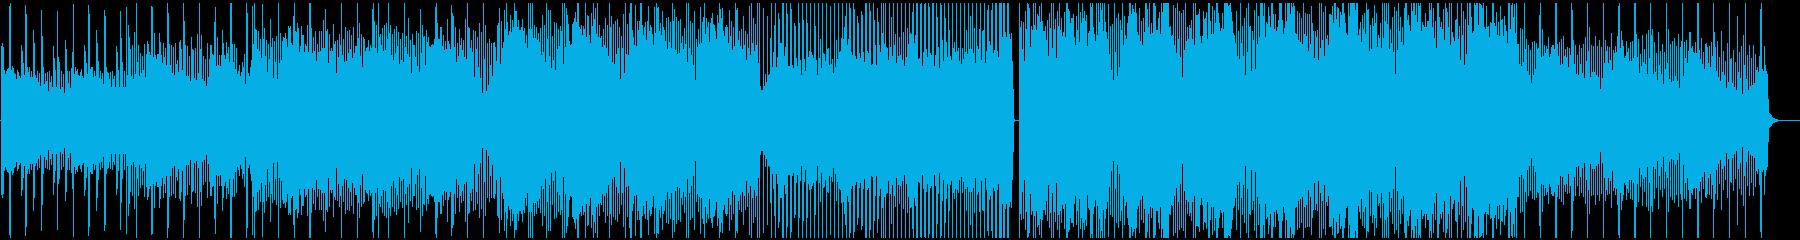 個性的で可愛いスローエレクトロニカの再生済みの波形